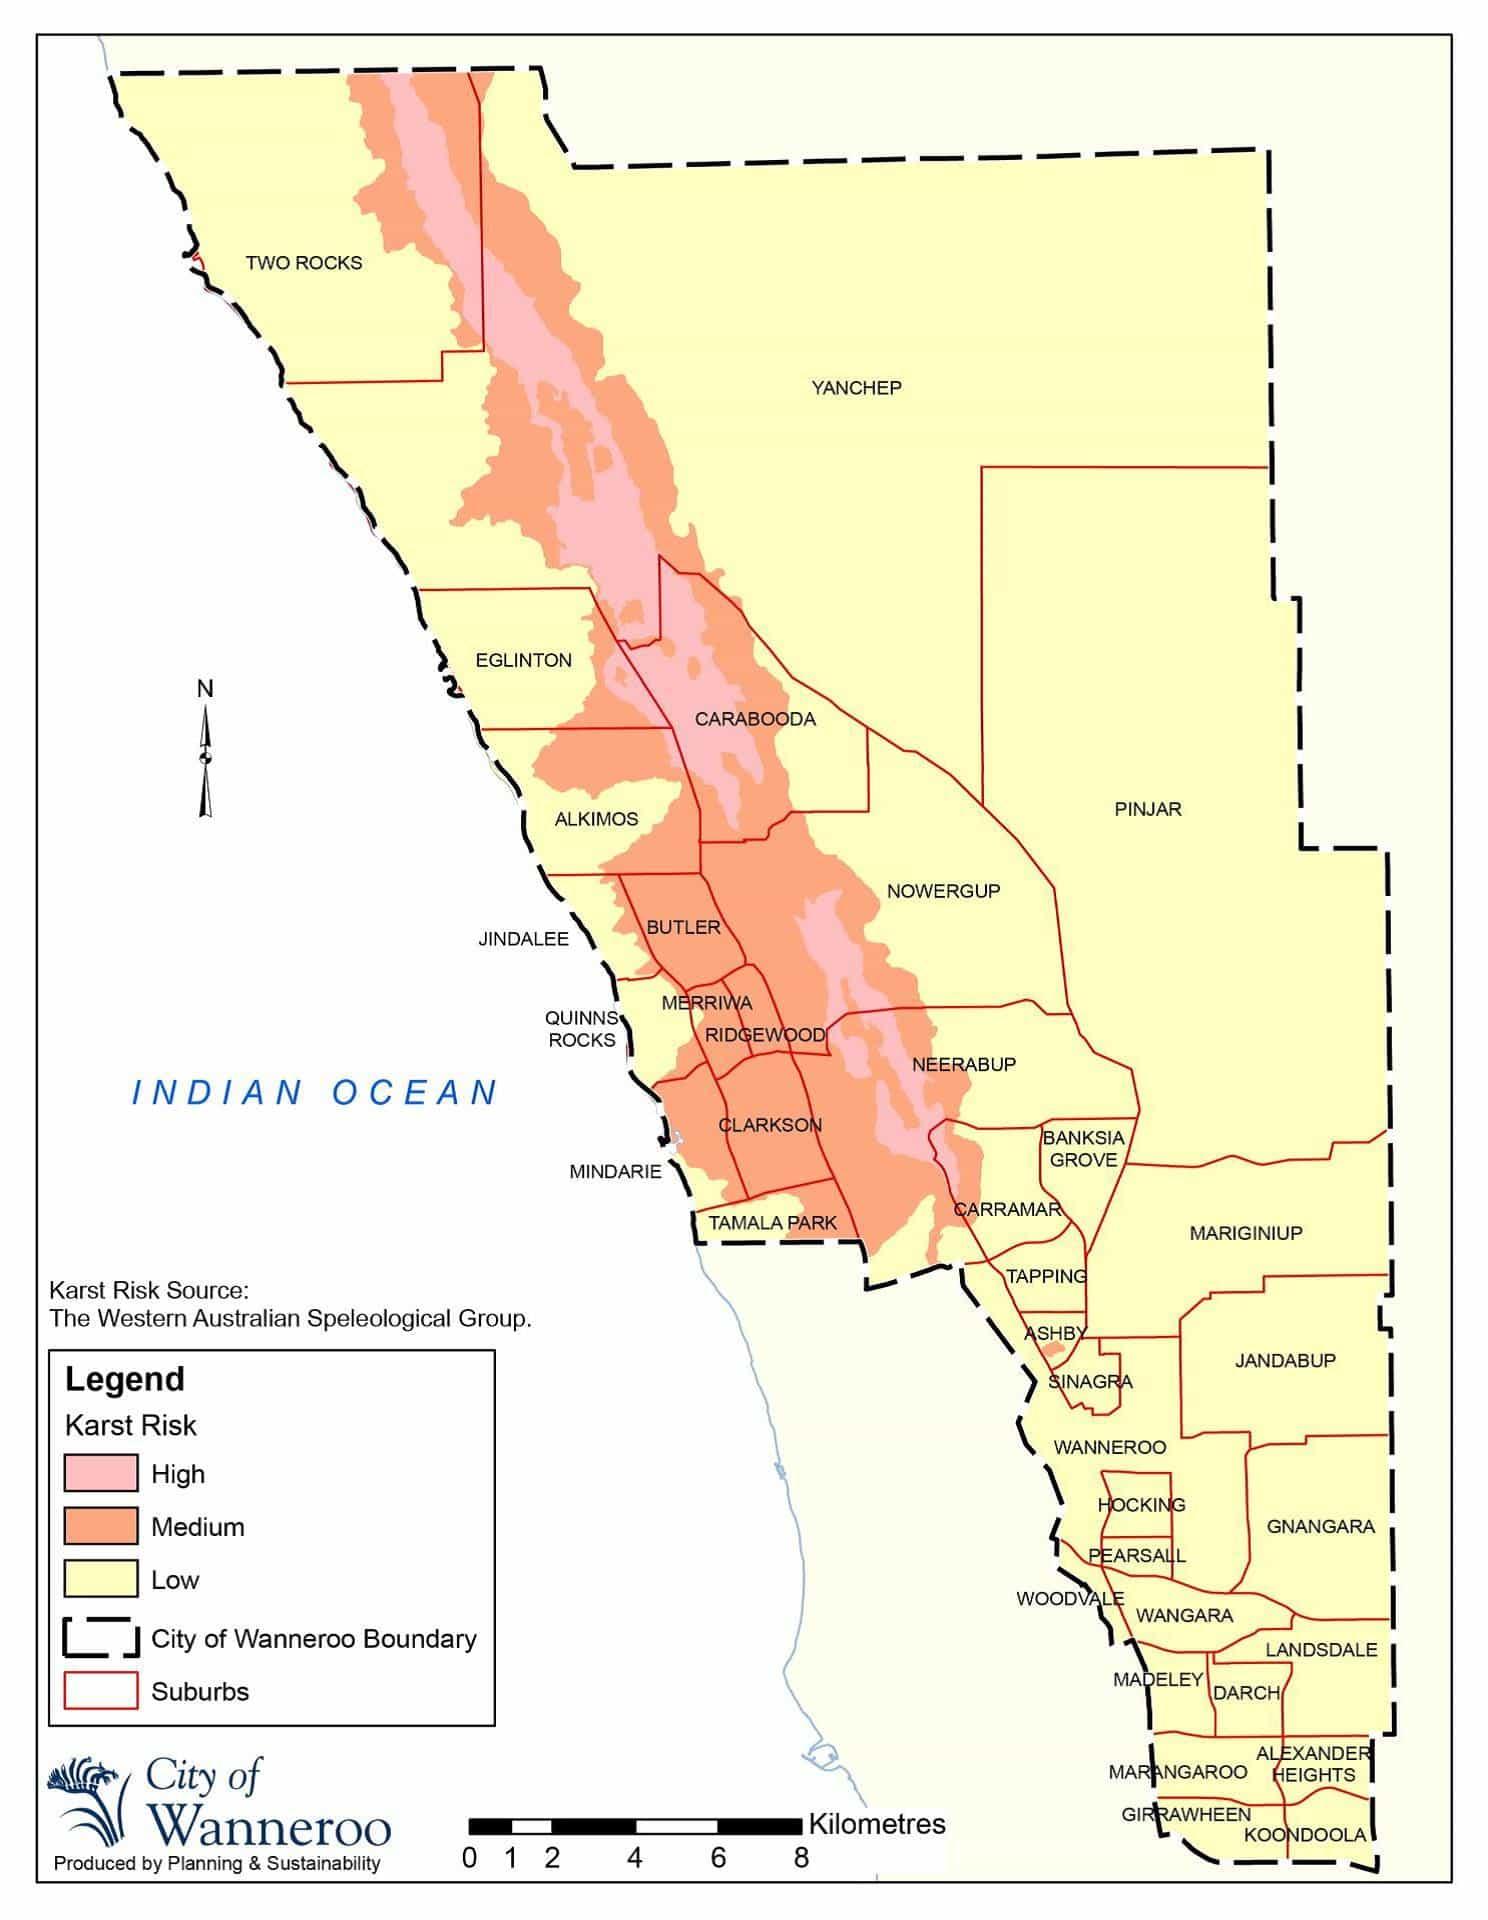 Karst Landforms and Planning Approvals